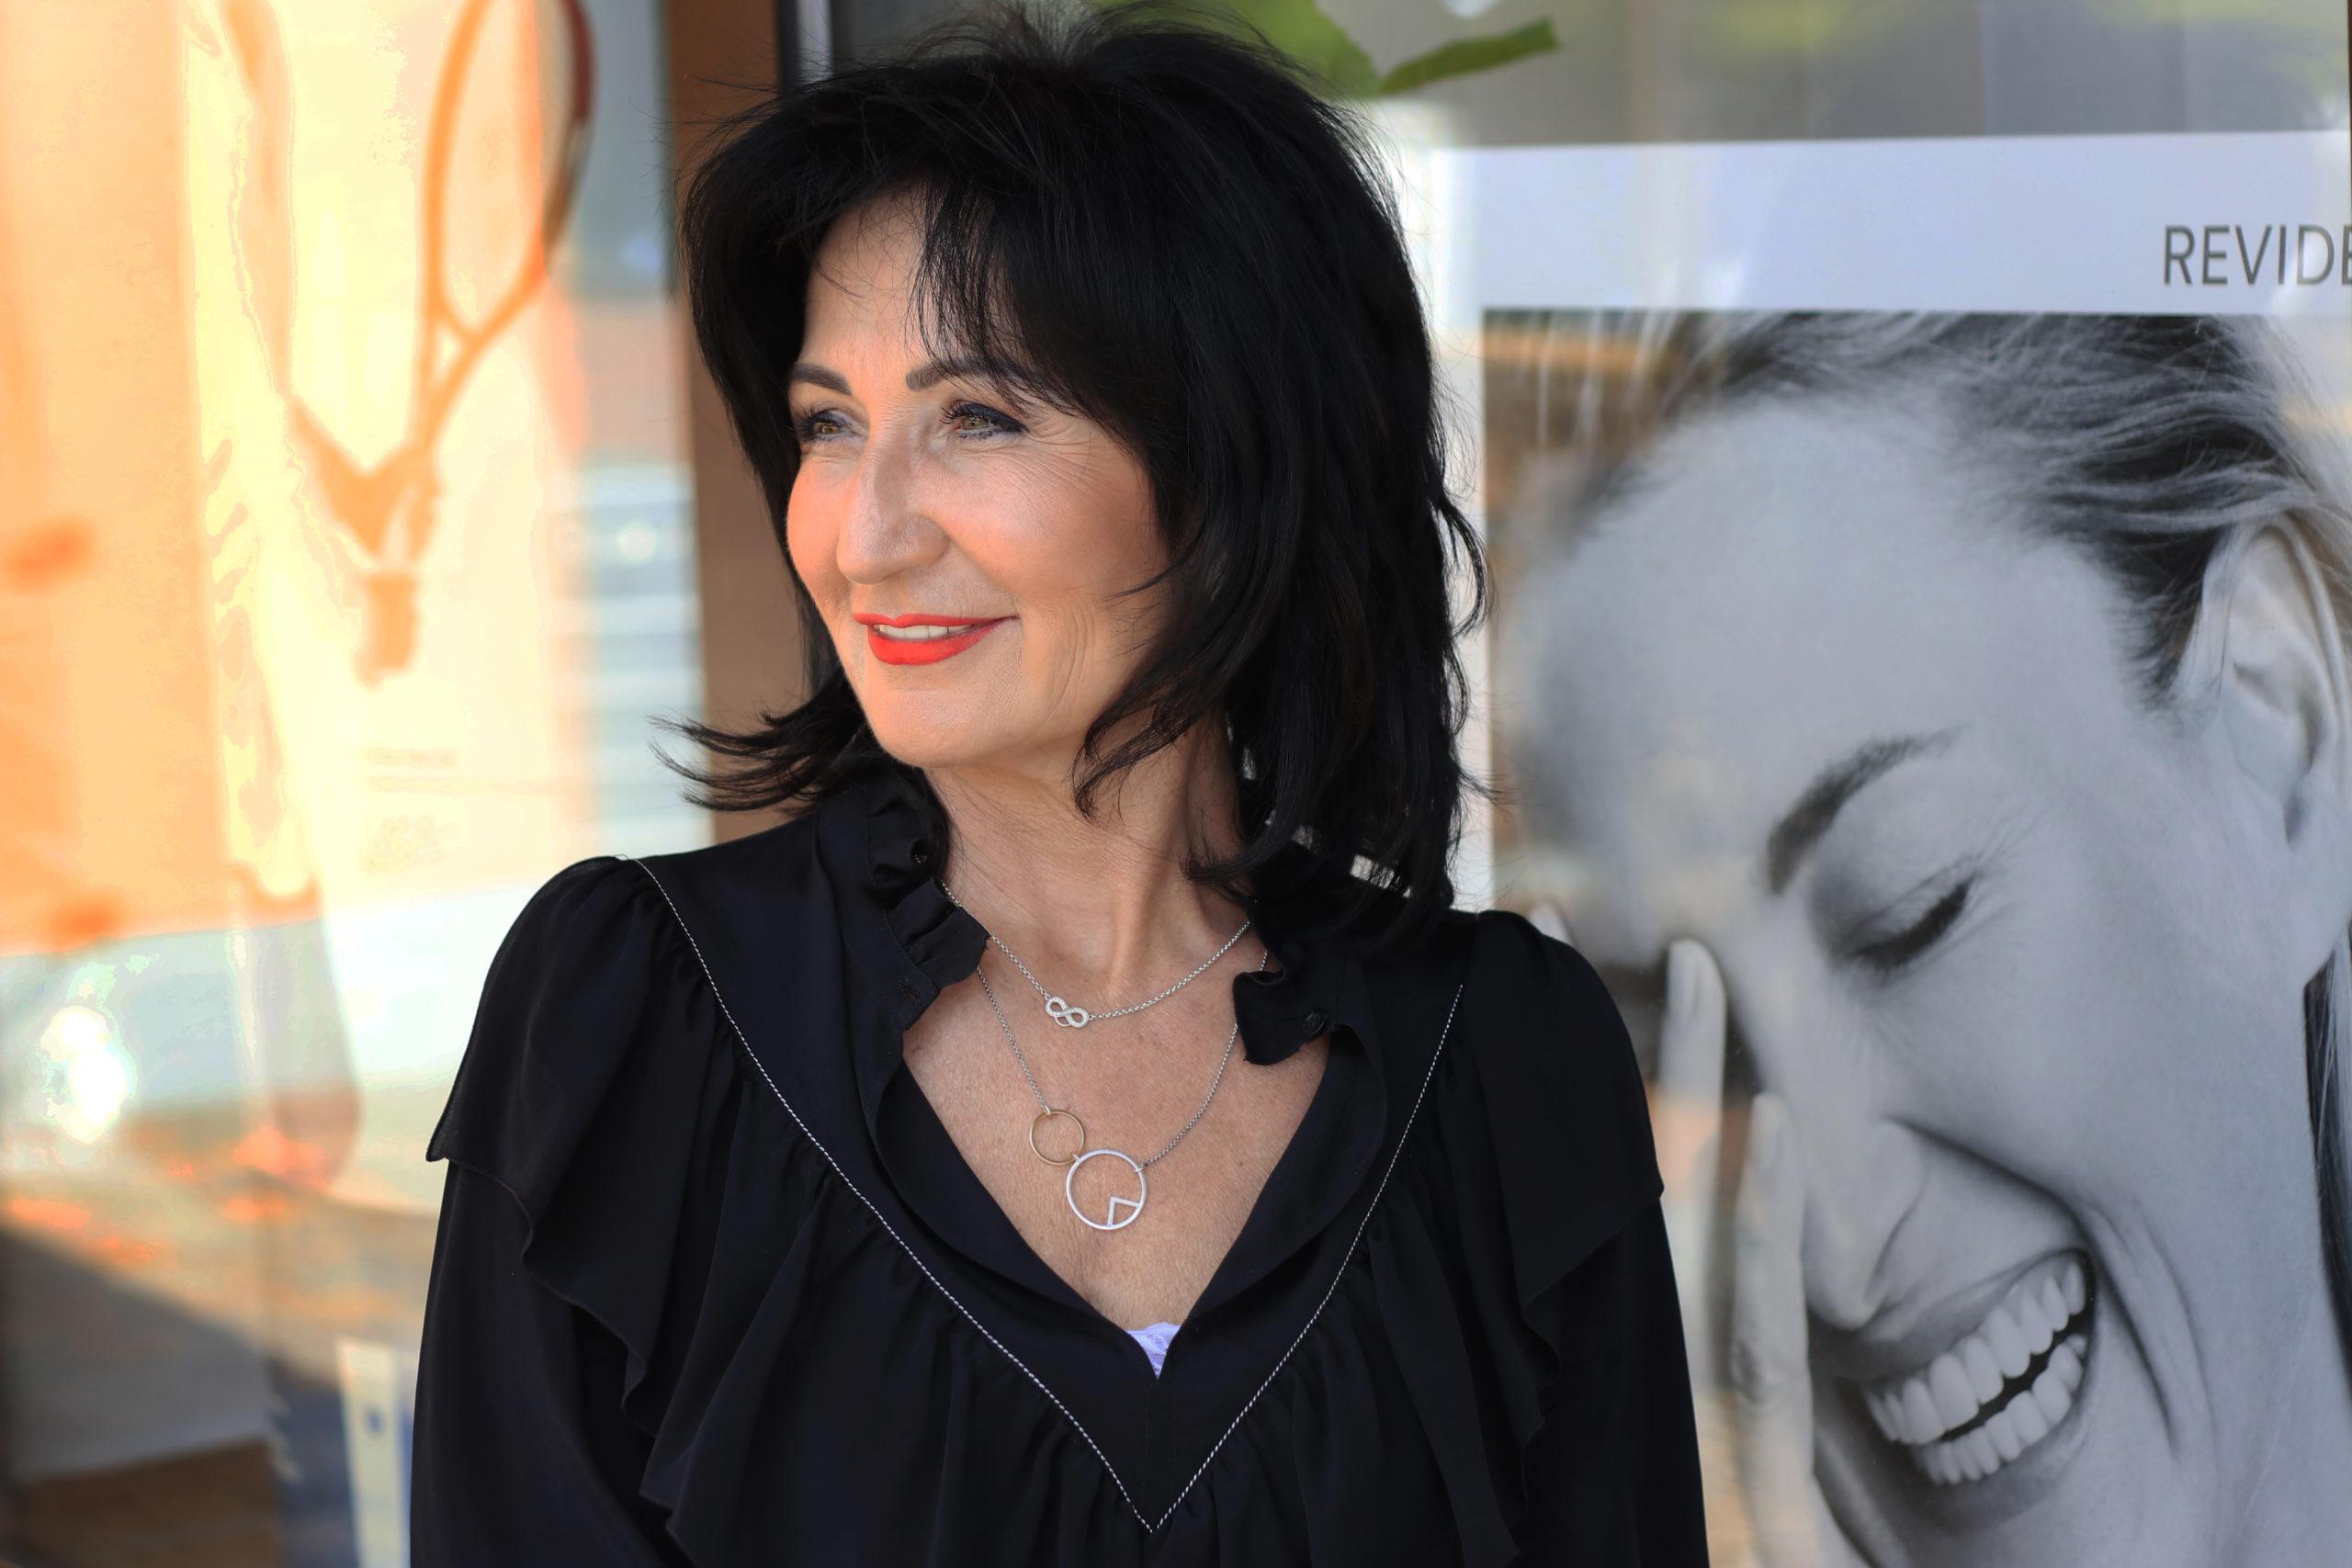 Teresa Sowiecki